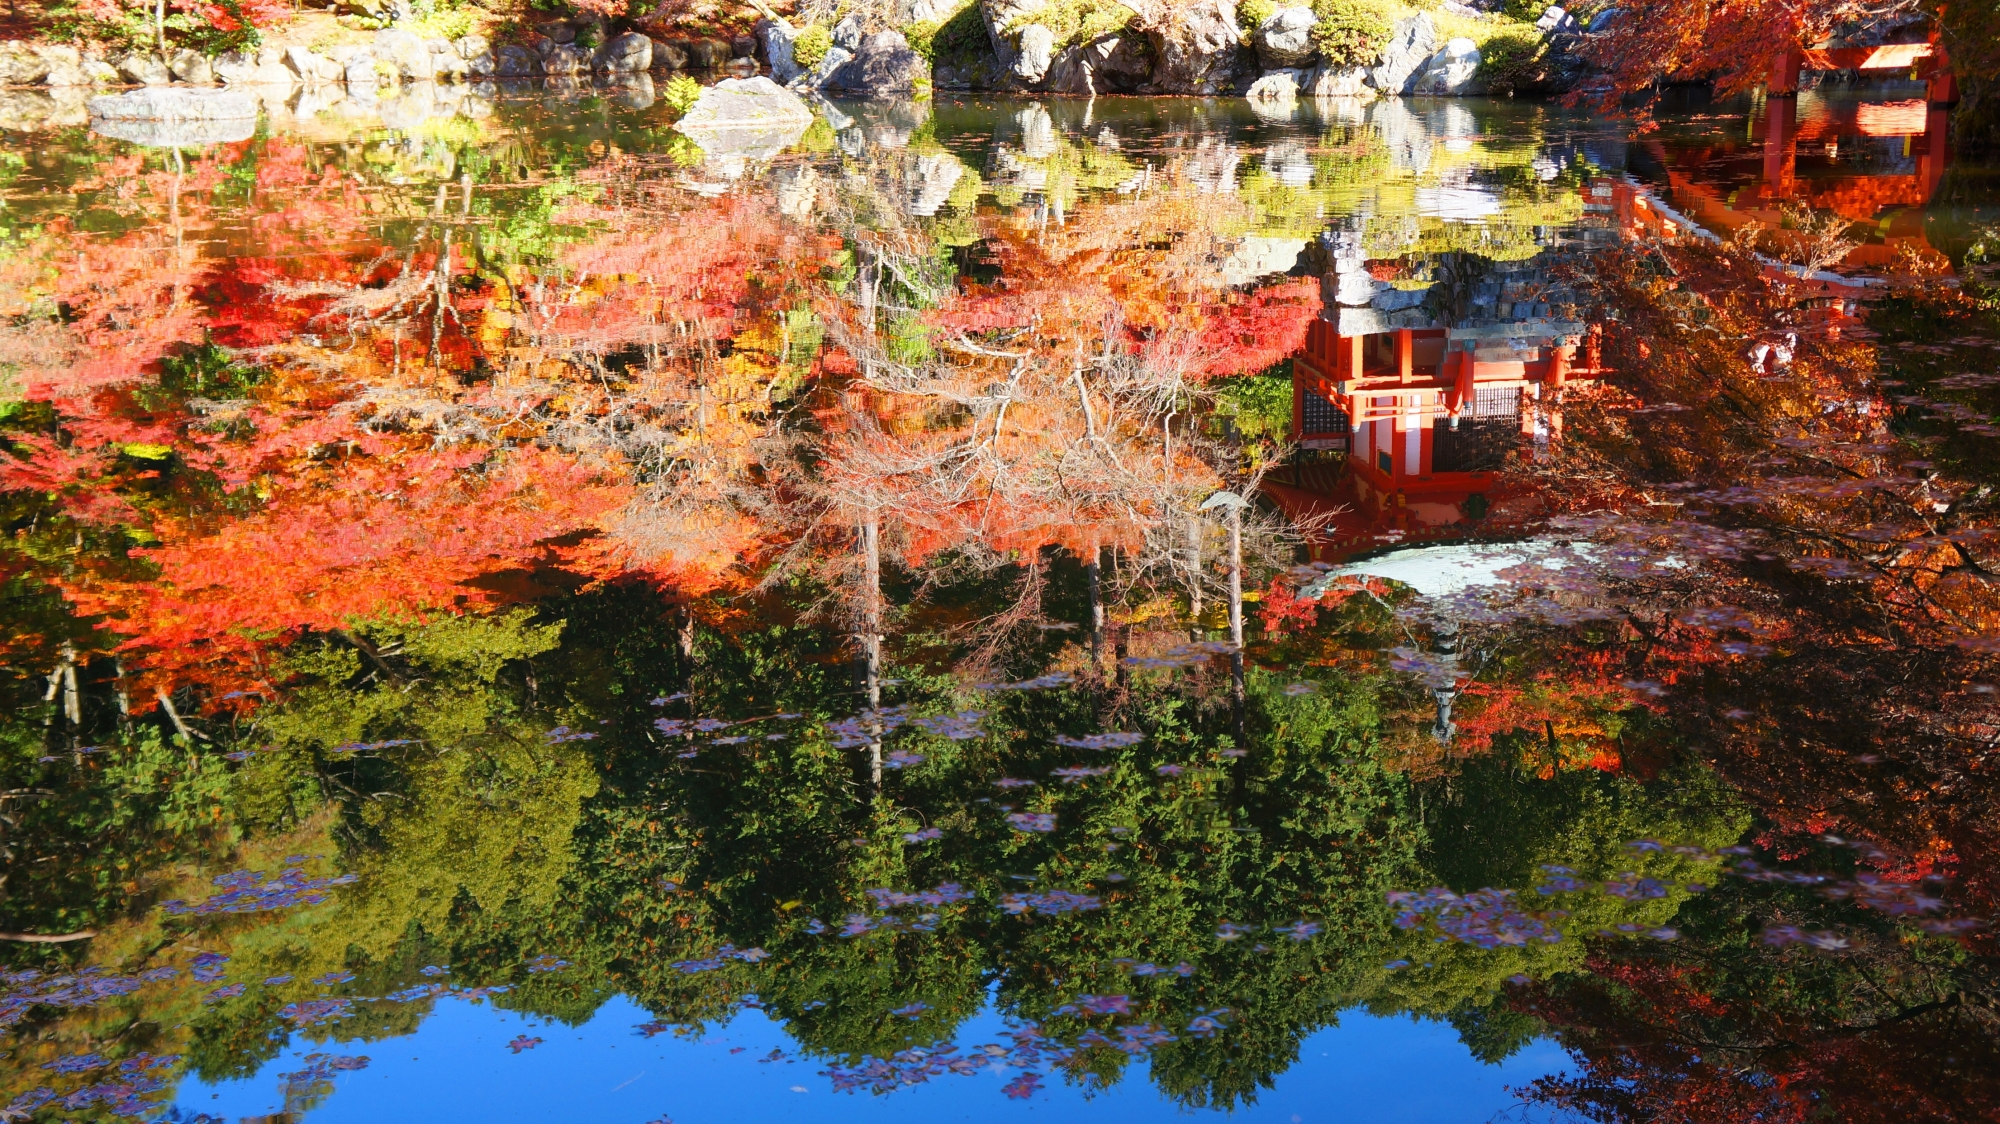 池に映る弁天堂や紅葉と青空や緑